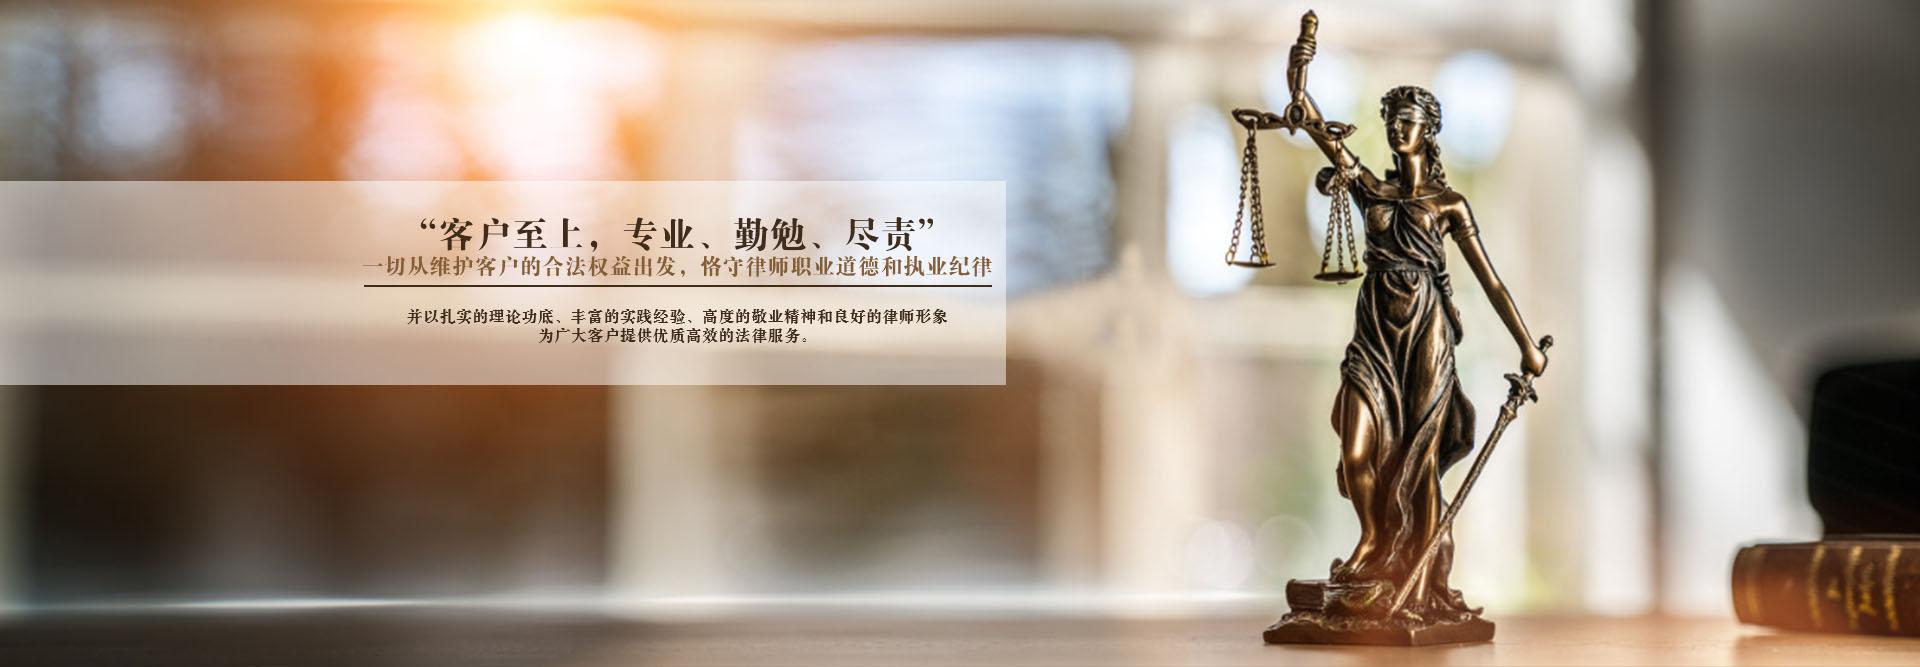 辽宁律师事务所